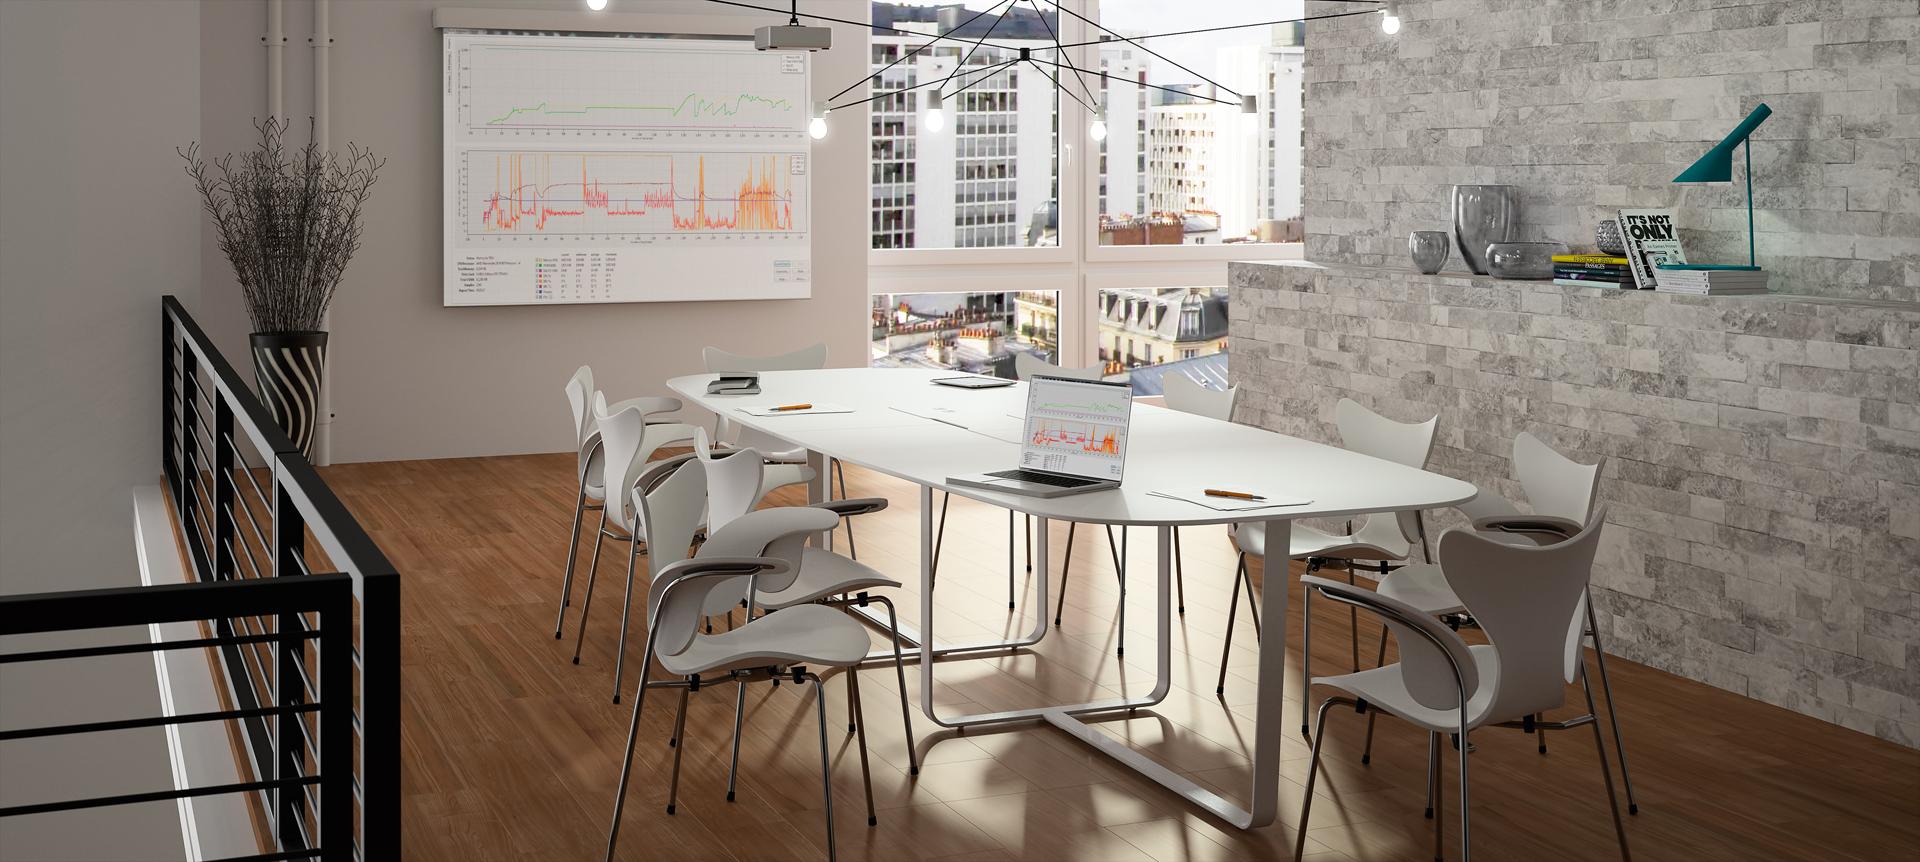 table de r union design et fonctionnelle wemeet meeting craie design. Black Bedroom Furniture Sets. Home Design Ideas